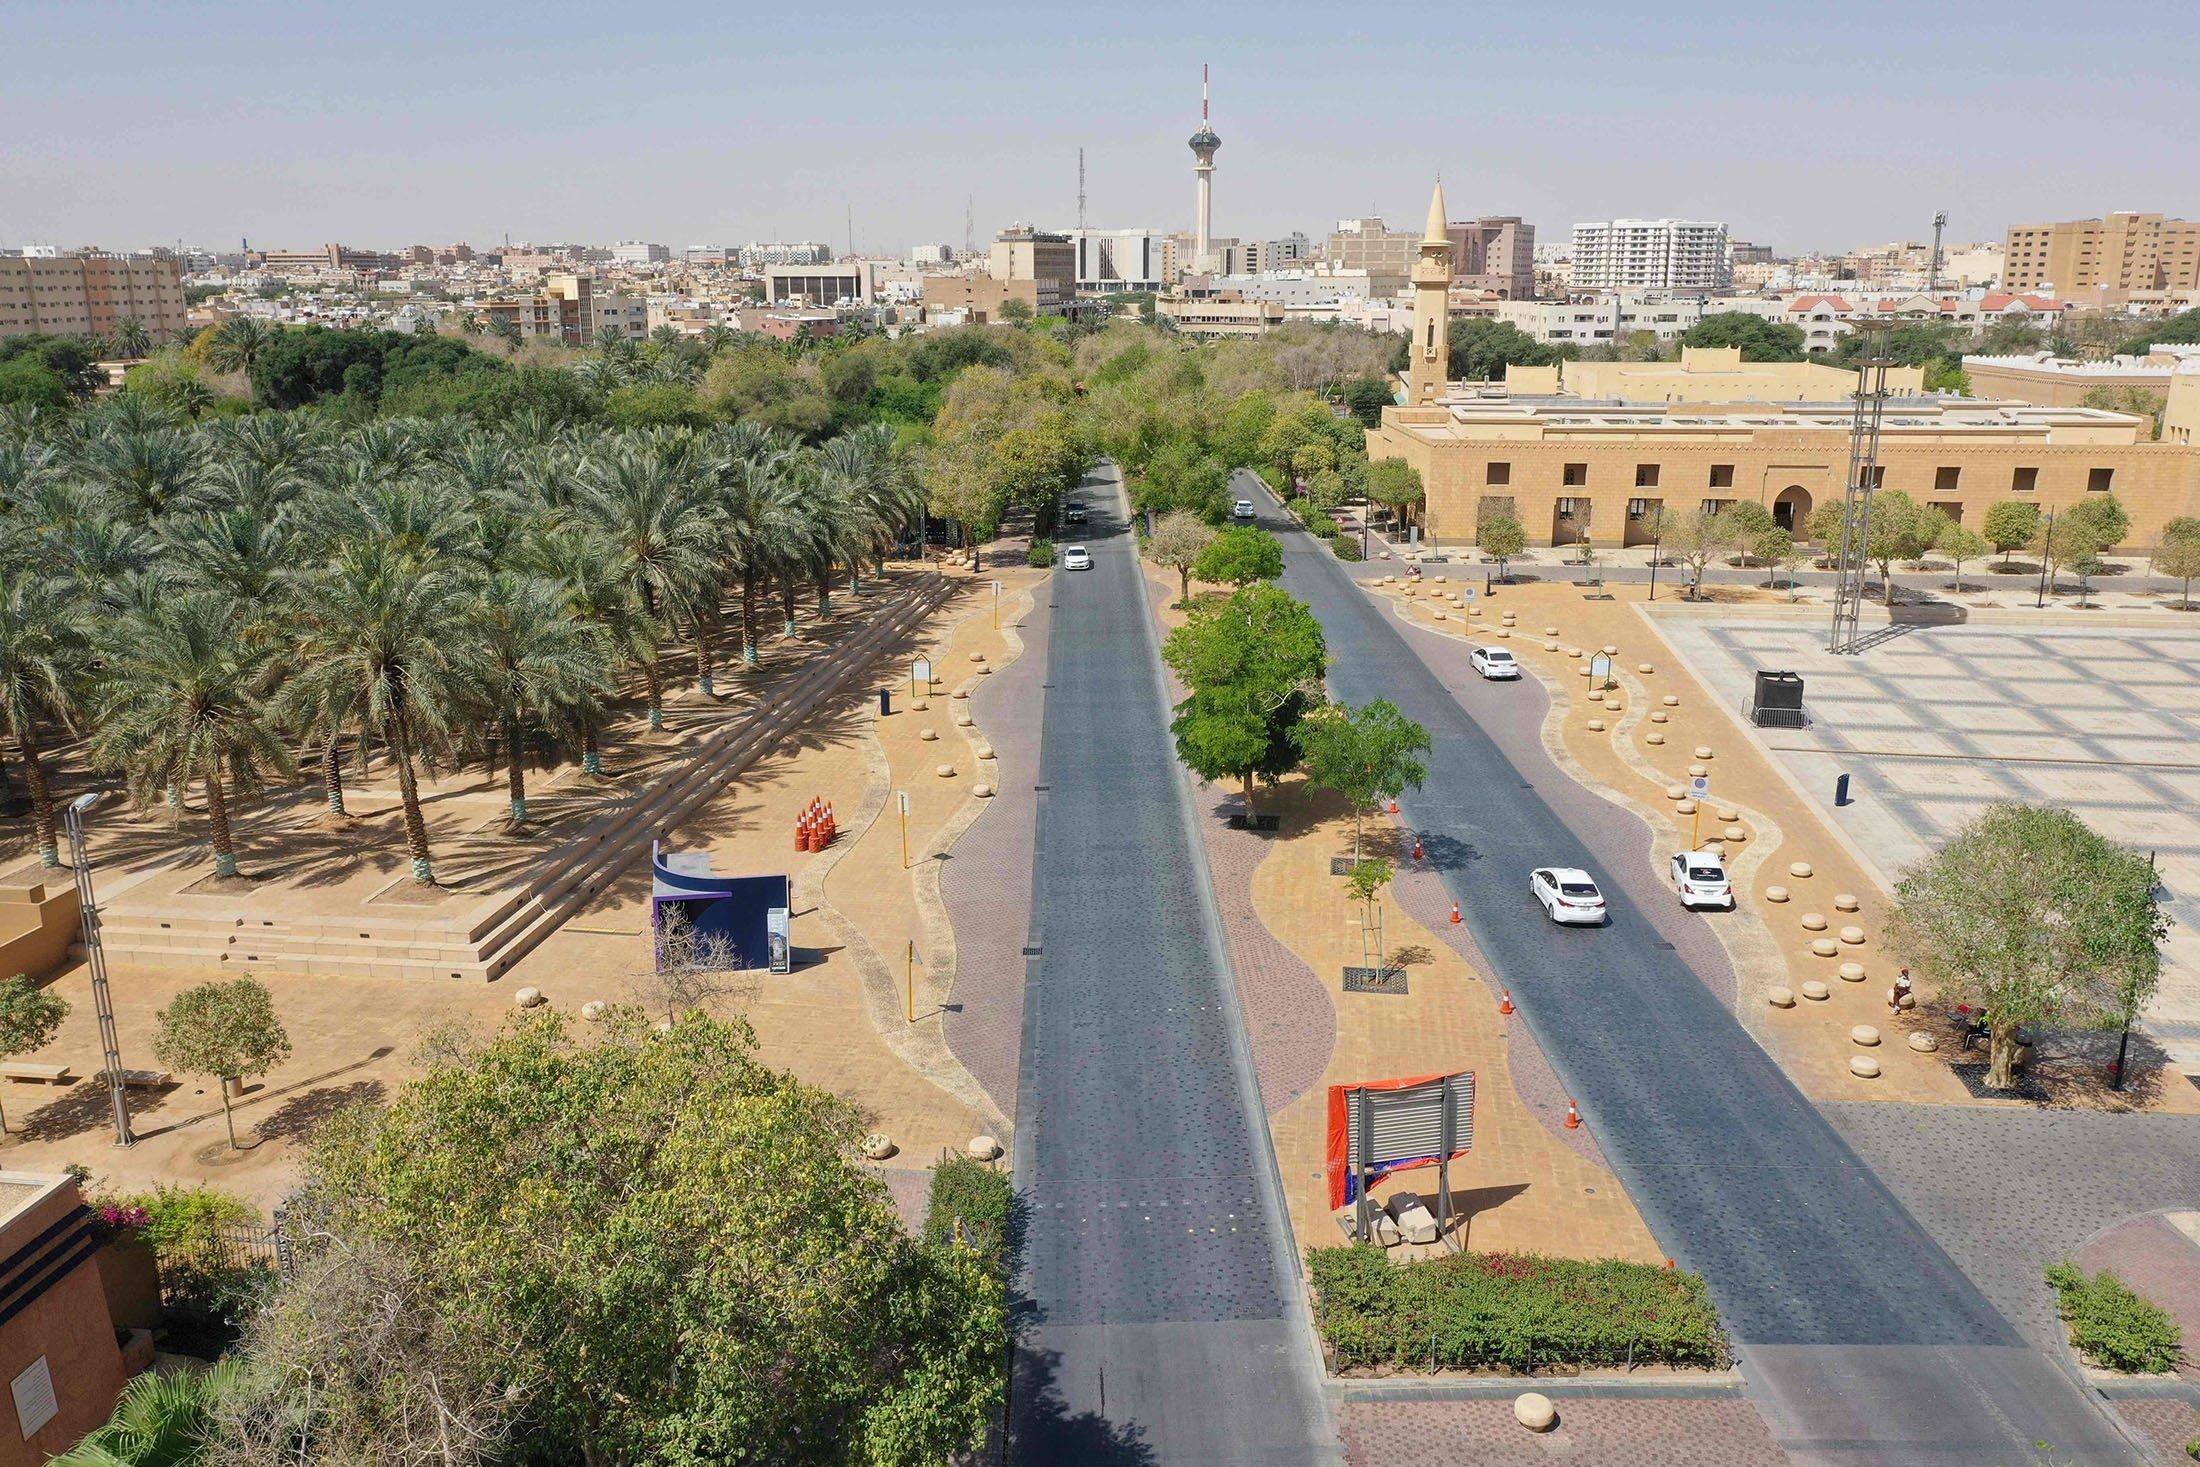 An aerial photo shows cars driving down a road next to a park areain the Saudi capital Riyadh, Saudi Arabia, March 29, 2021. (AFP Photo)